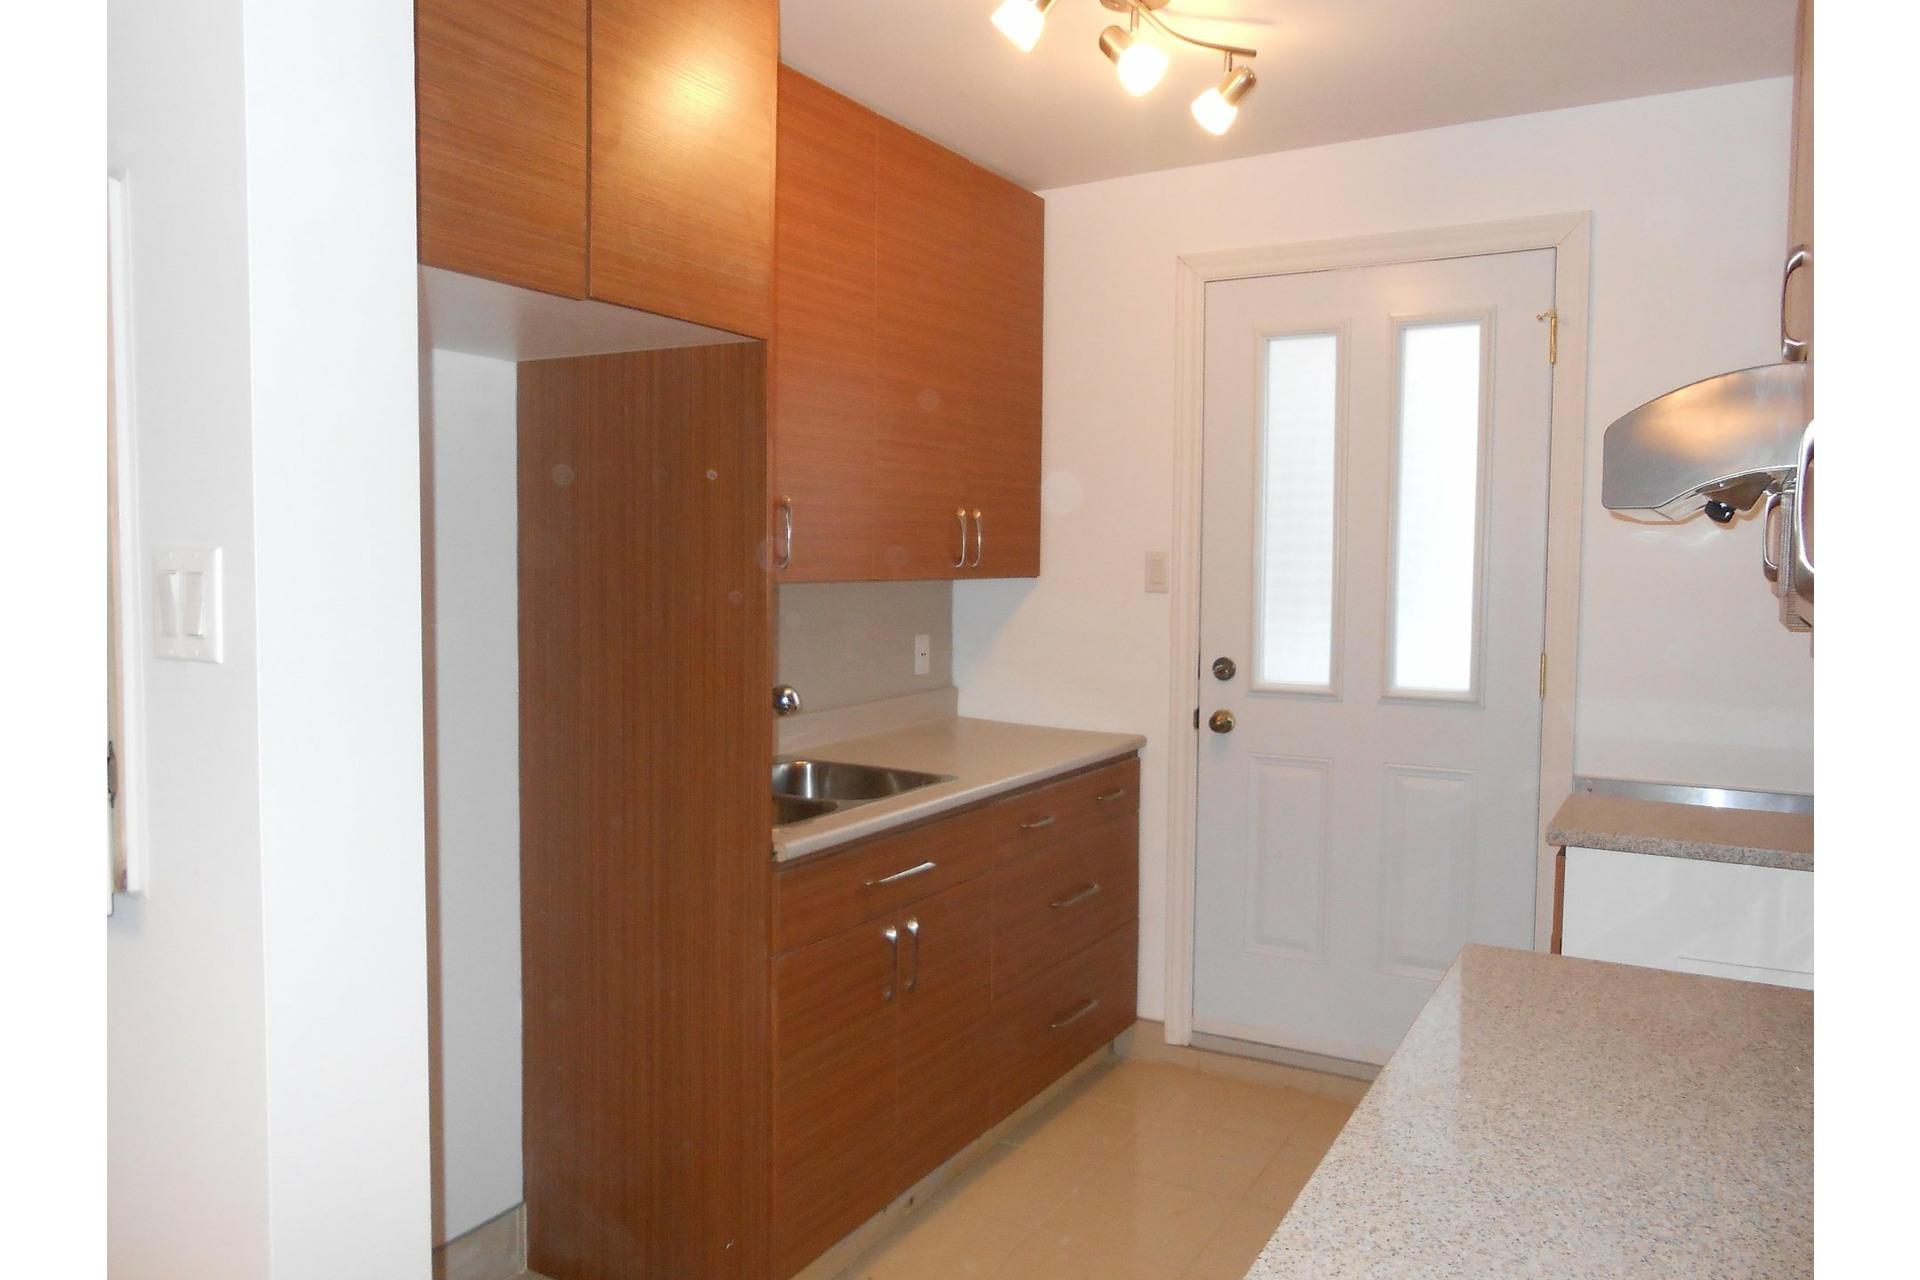 image 4 - Appartement À louer Montréal-Nord Montréal  - 3 pièces